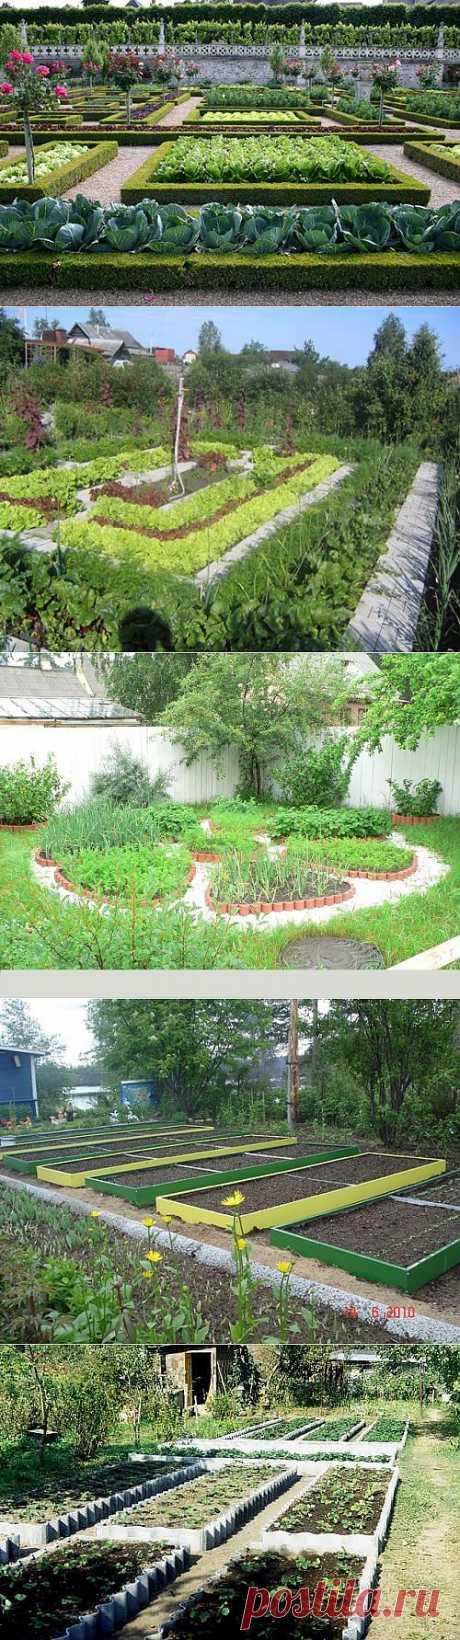 Красивый огород.